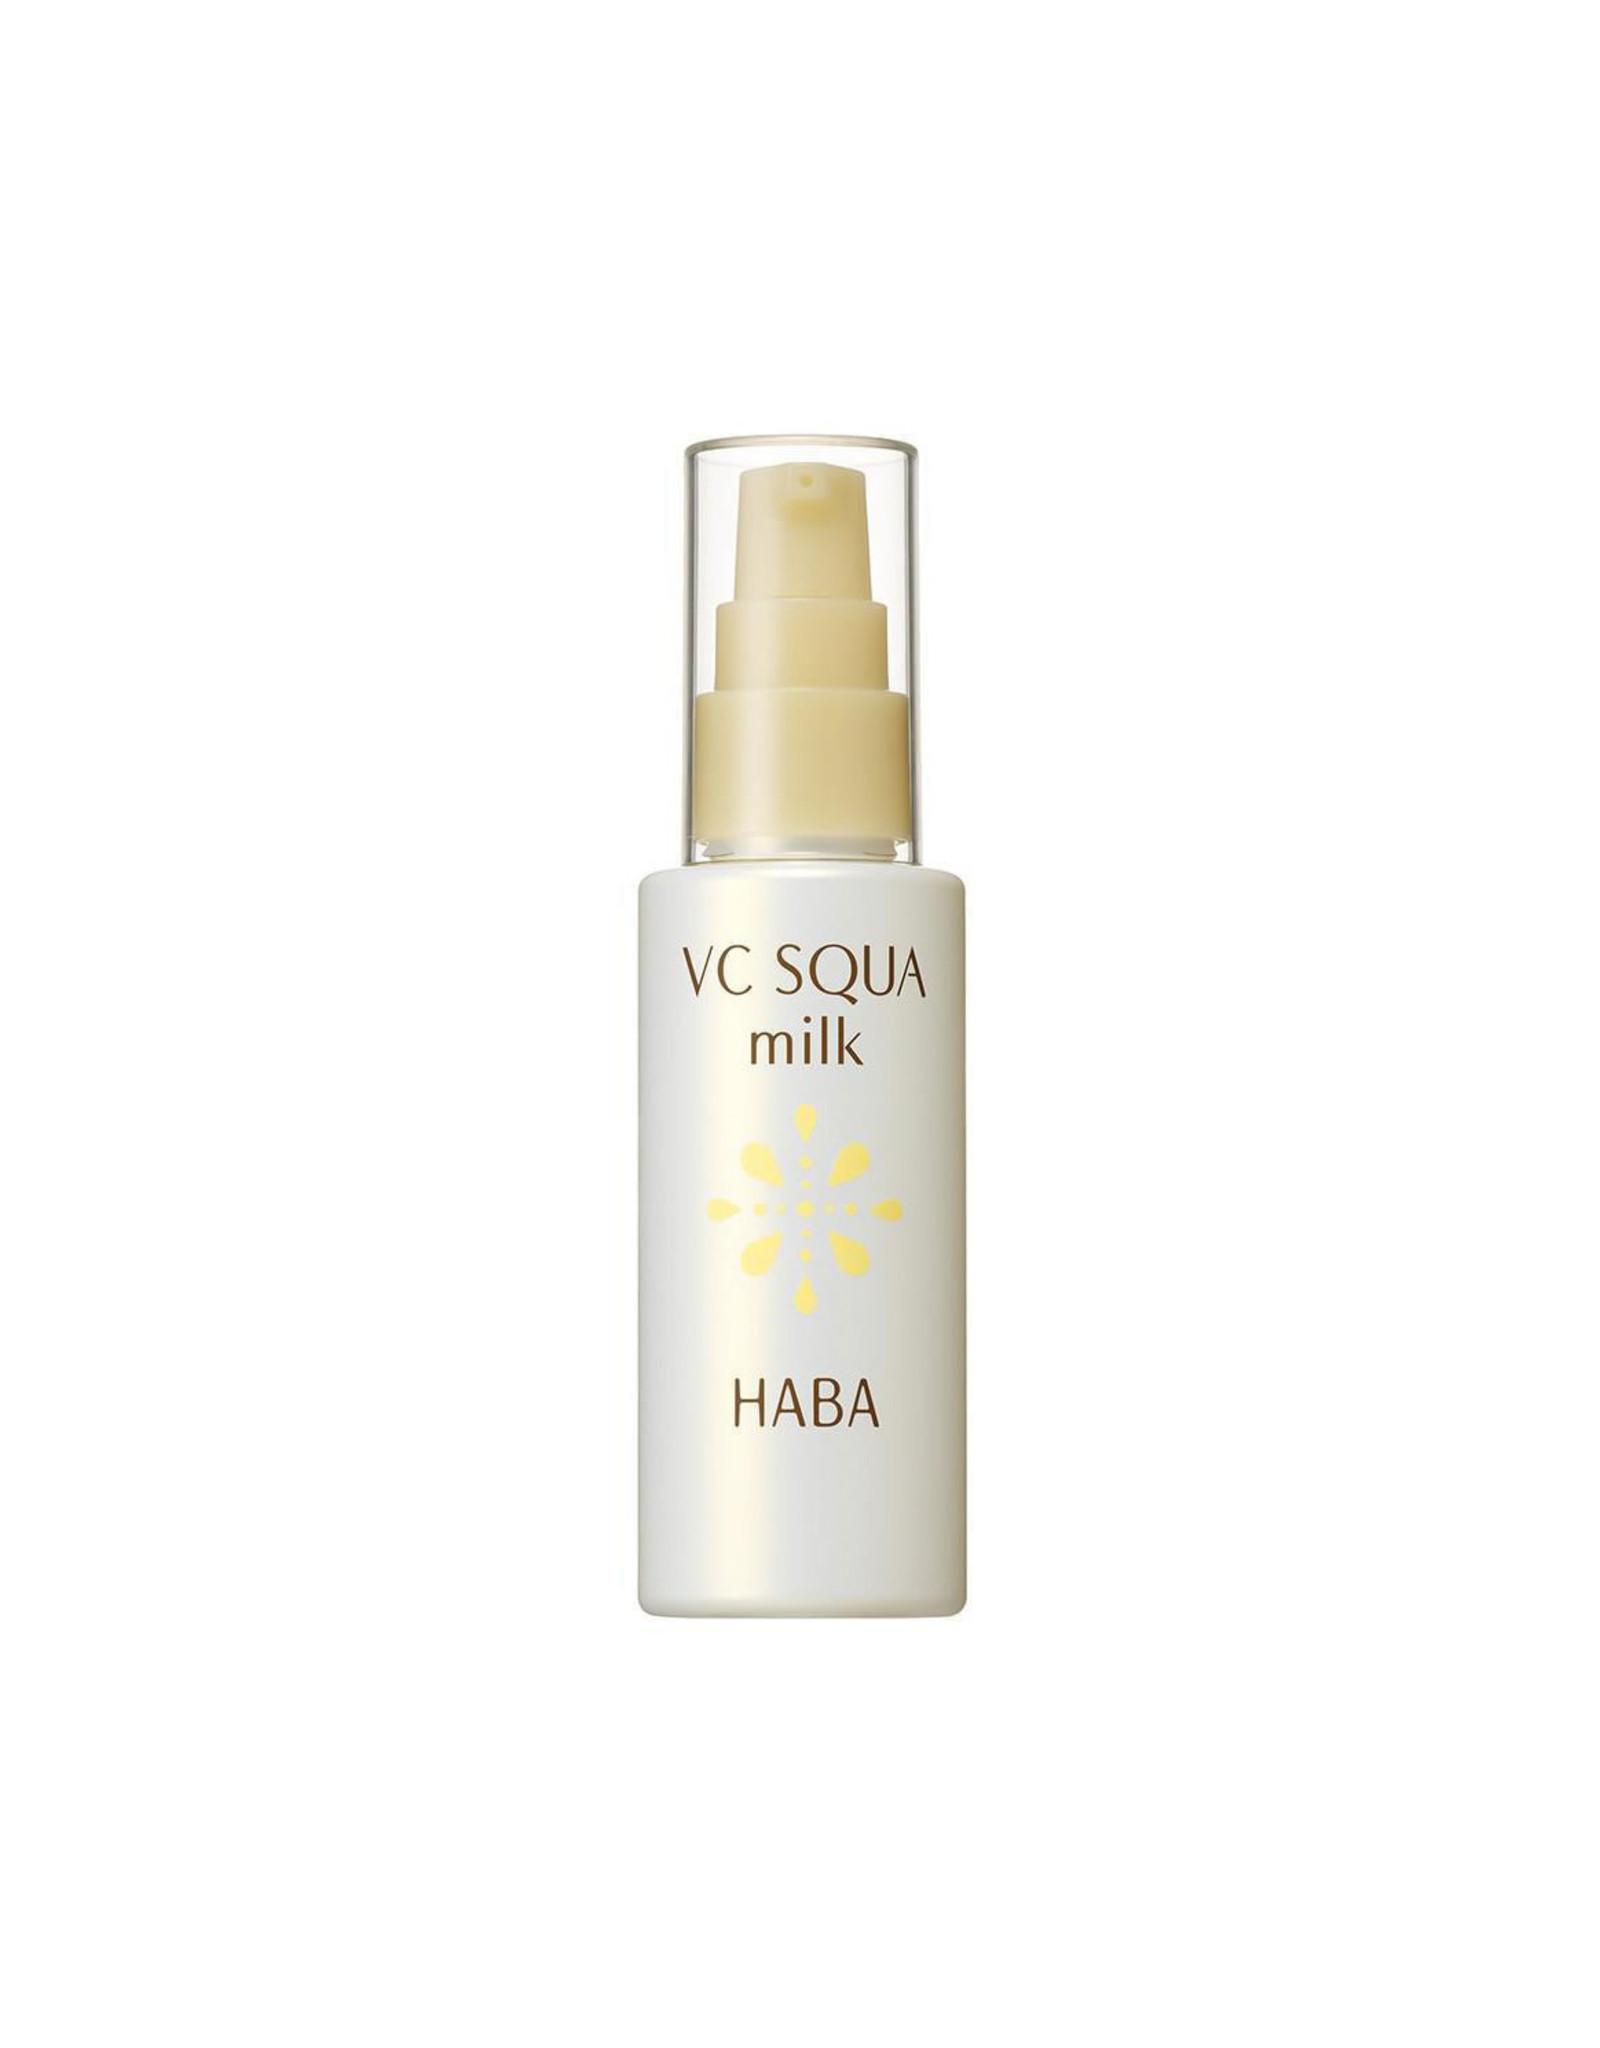 HABA Haba VC Squa Milk